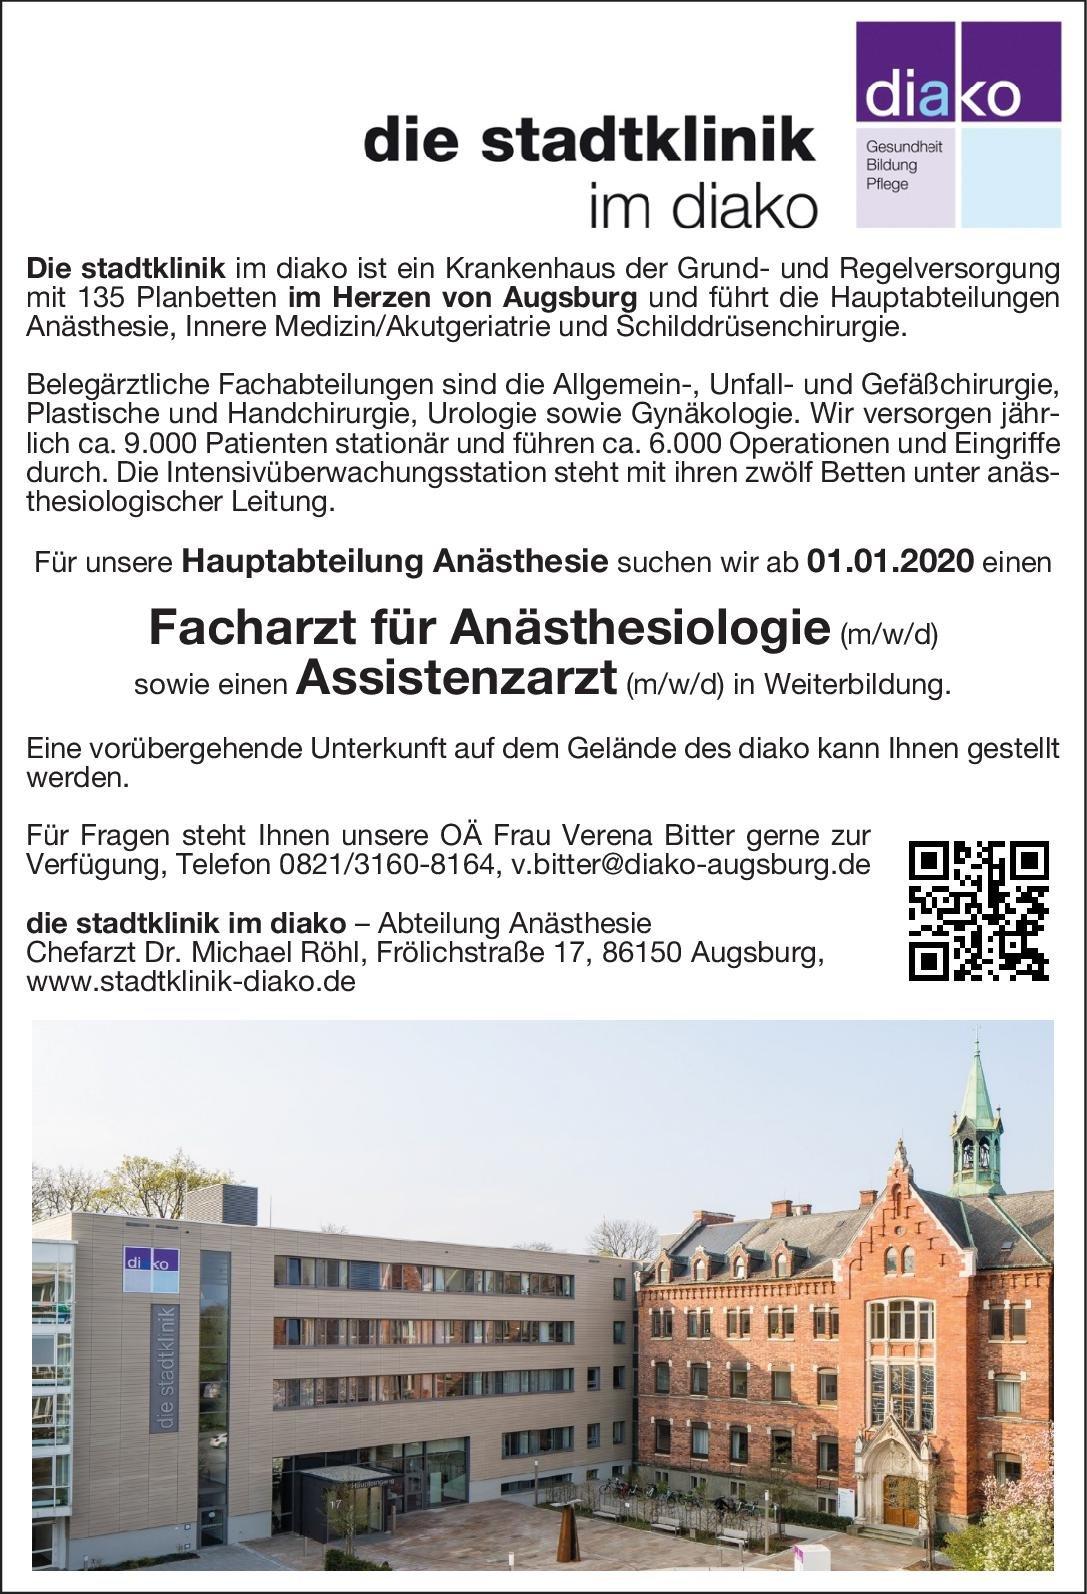 die stadtklinik im diako Facharzt für Anästhesiologie (m/w/d) Anästhesiologie / Intensivmedizin Arzt / Facharzt